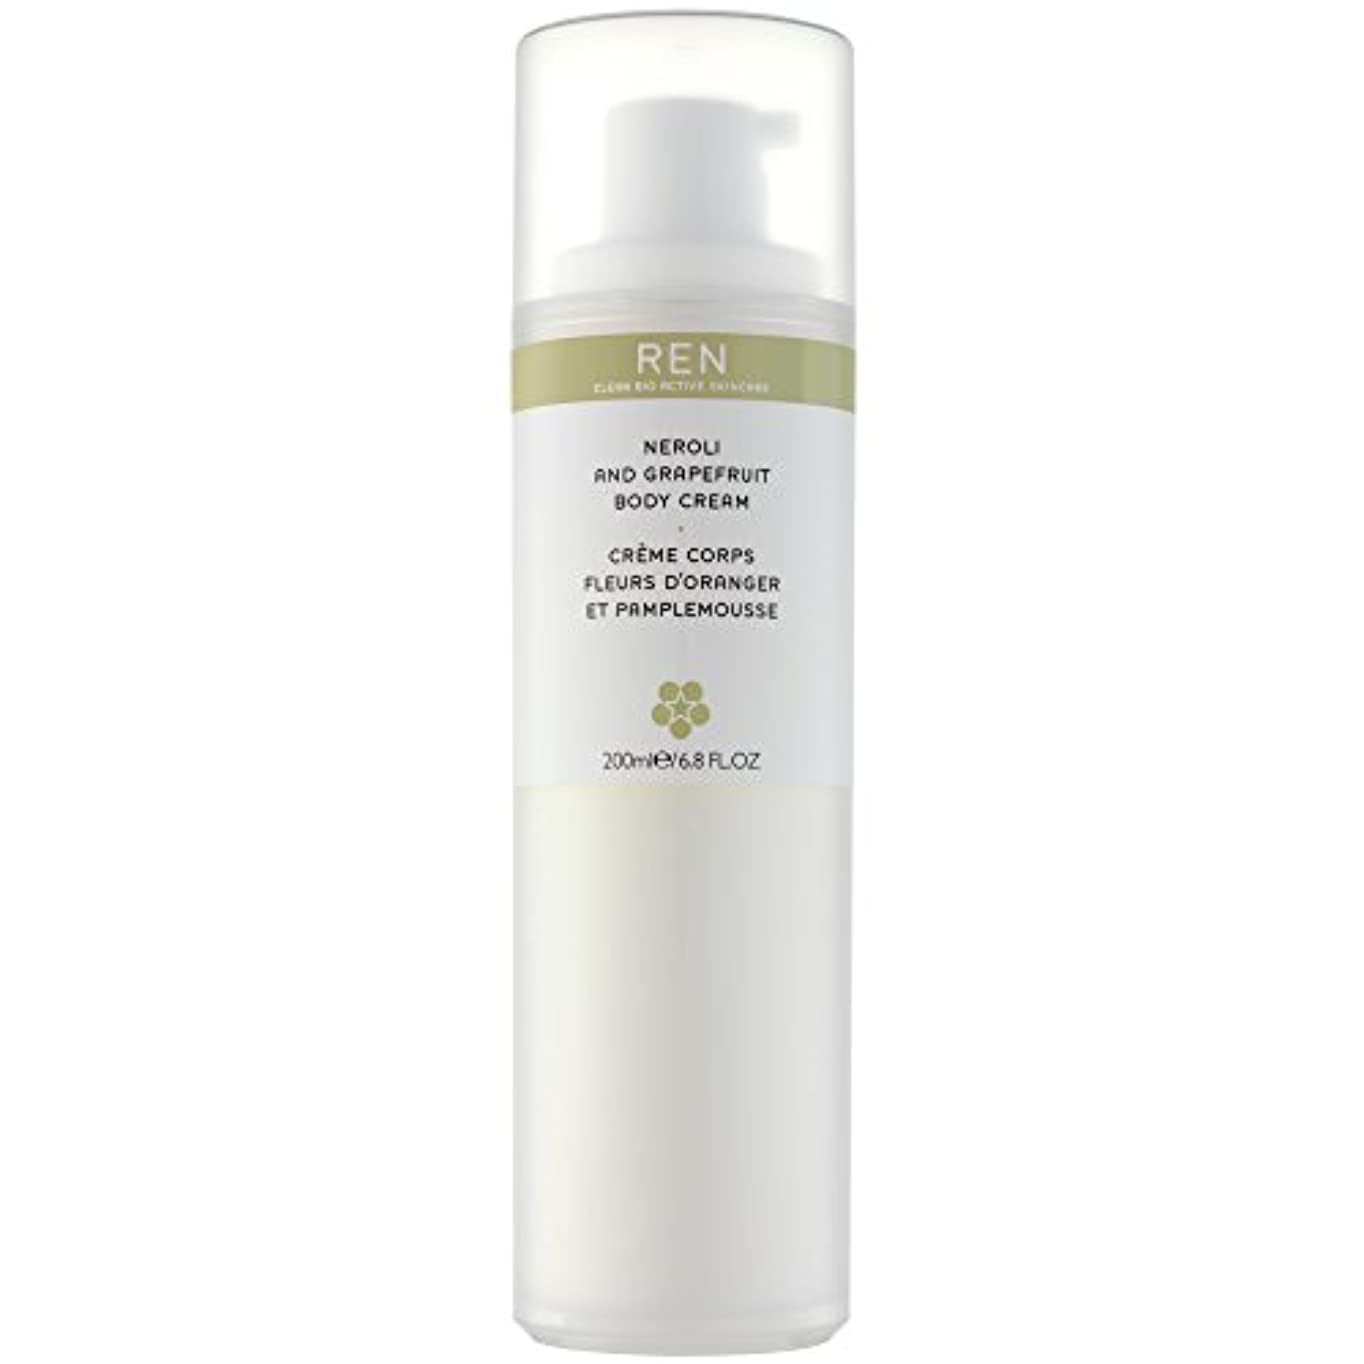 薬新聞ジェーンオースティンRenネロリとグレープフルーツボディクリーム200ミリリットル (REN) (x6) - REN Neroli and Grapefruit Body Cream 200ml (Pack of 6) [並行輸入品]